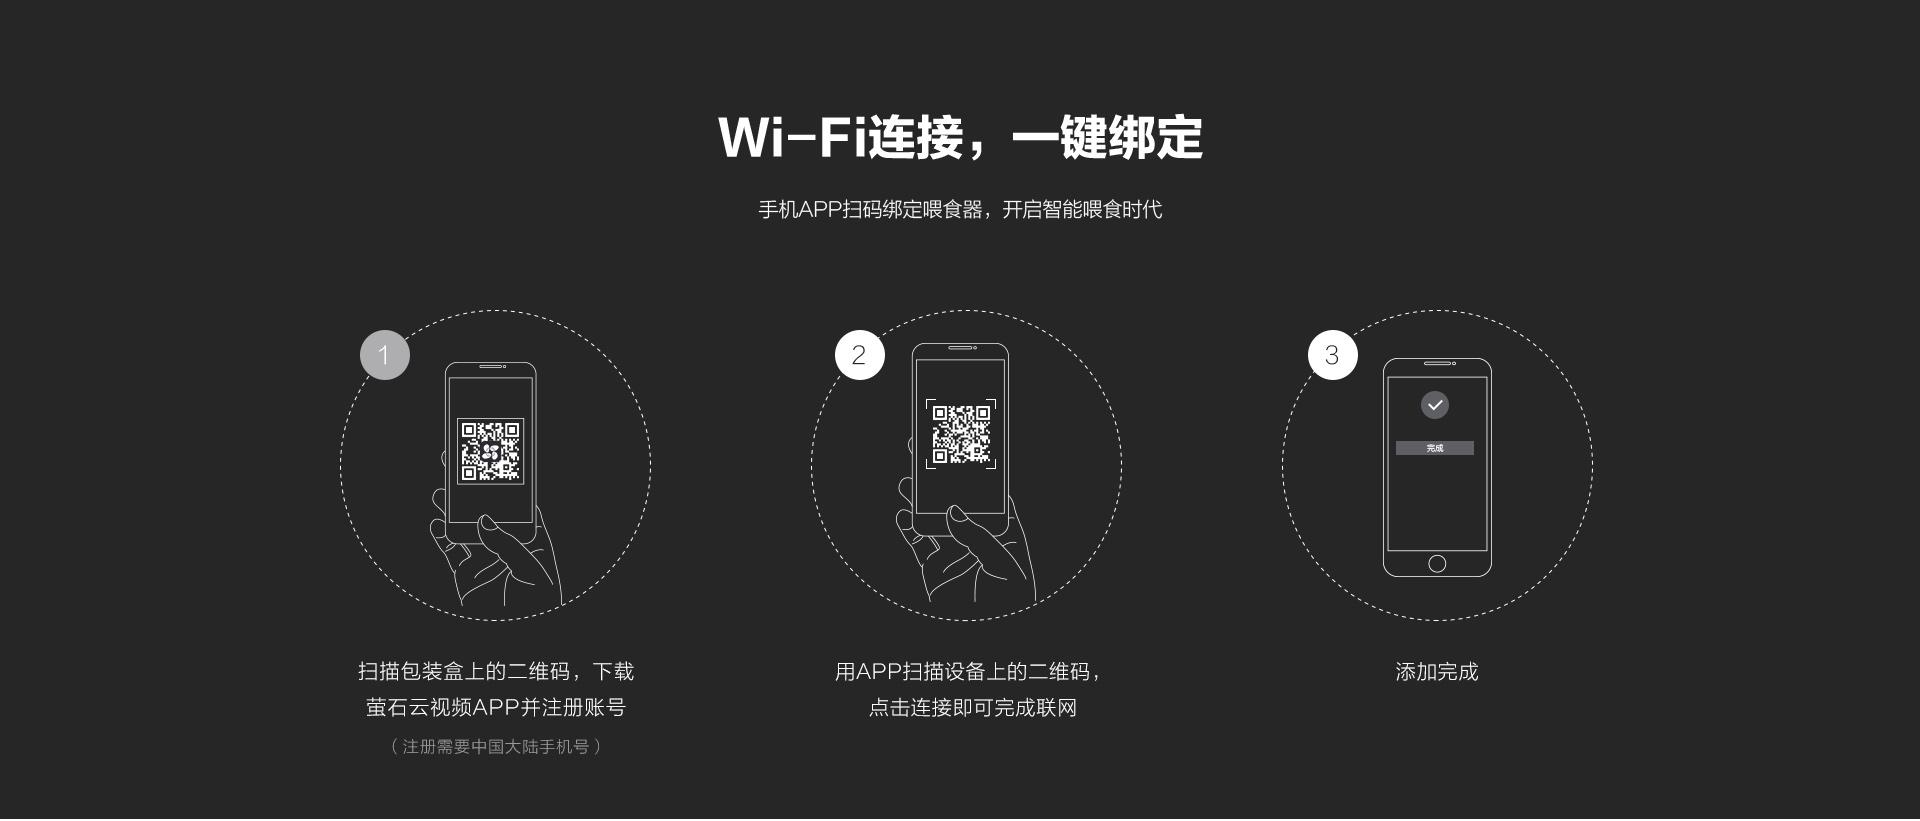 Wi-Fi链接,一键绑定